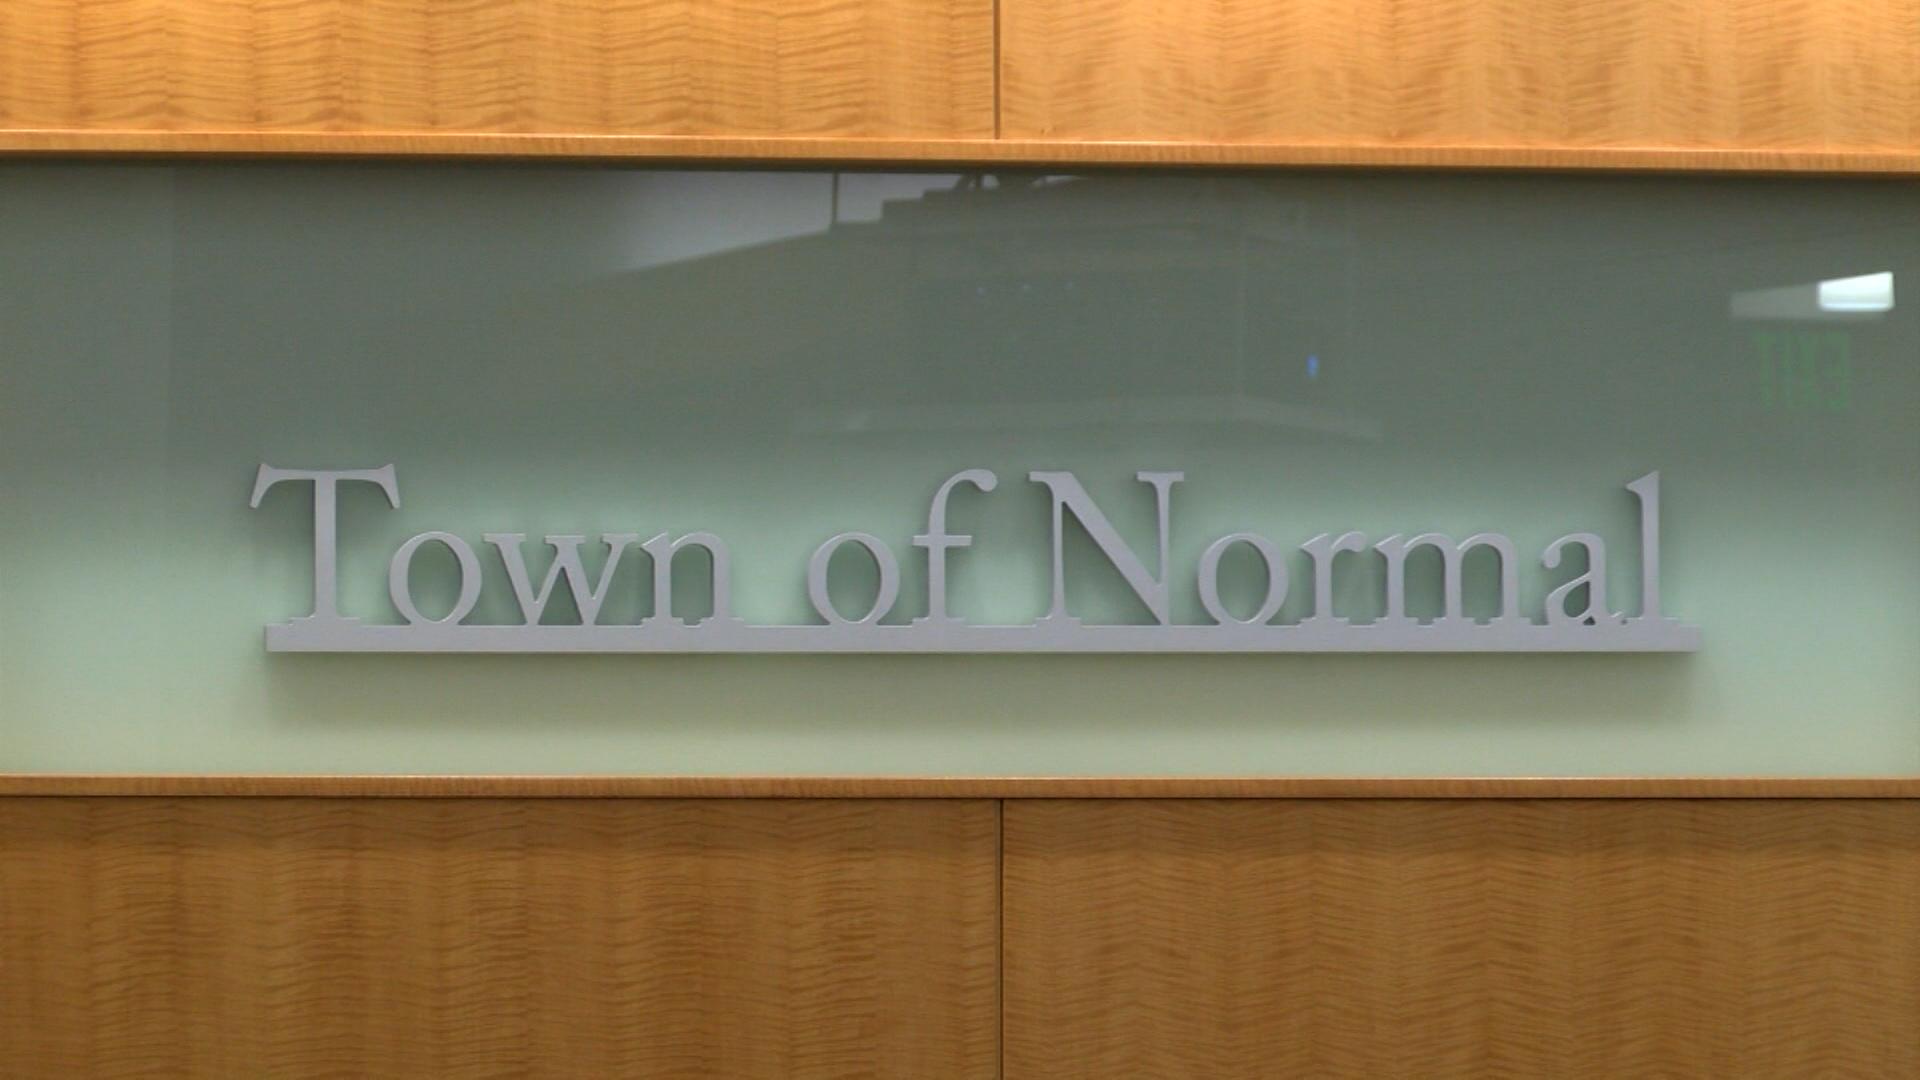 town of normal_1505790070766.jpg